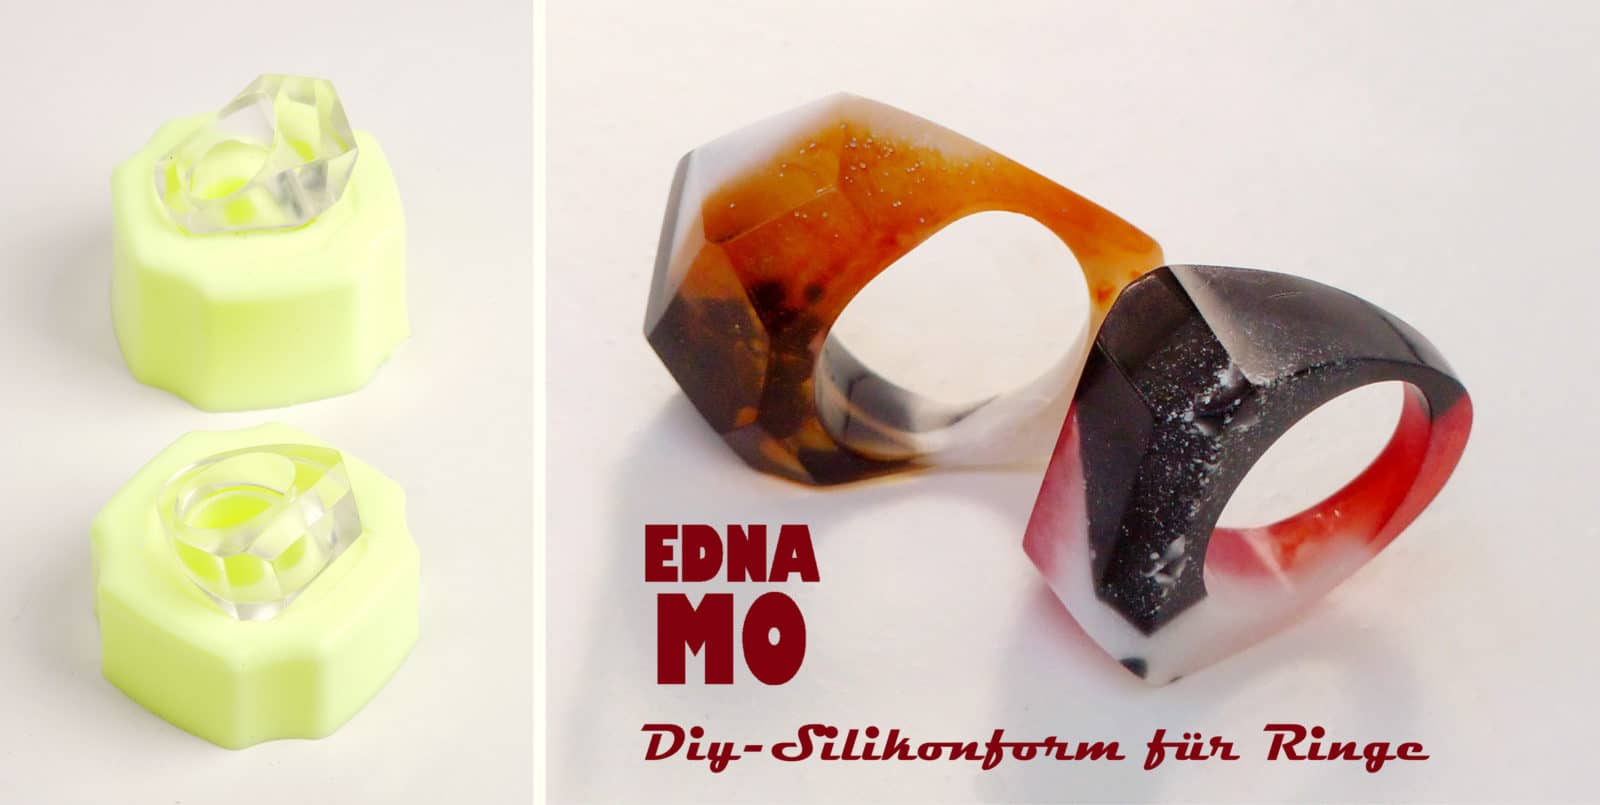 MILISTEN Silikon Ring Formen DIY Handwerk Epoxy Ring Form Schmuck Ringe Kreis Gussformen f/ür Schmuckherstellung Lieferungen